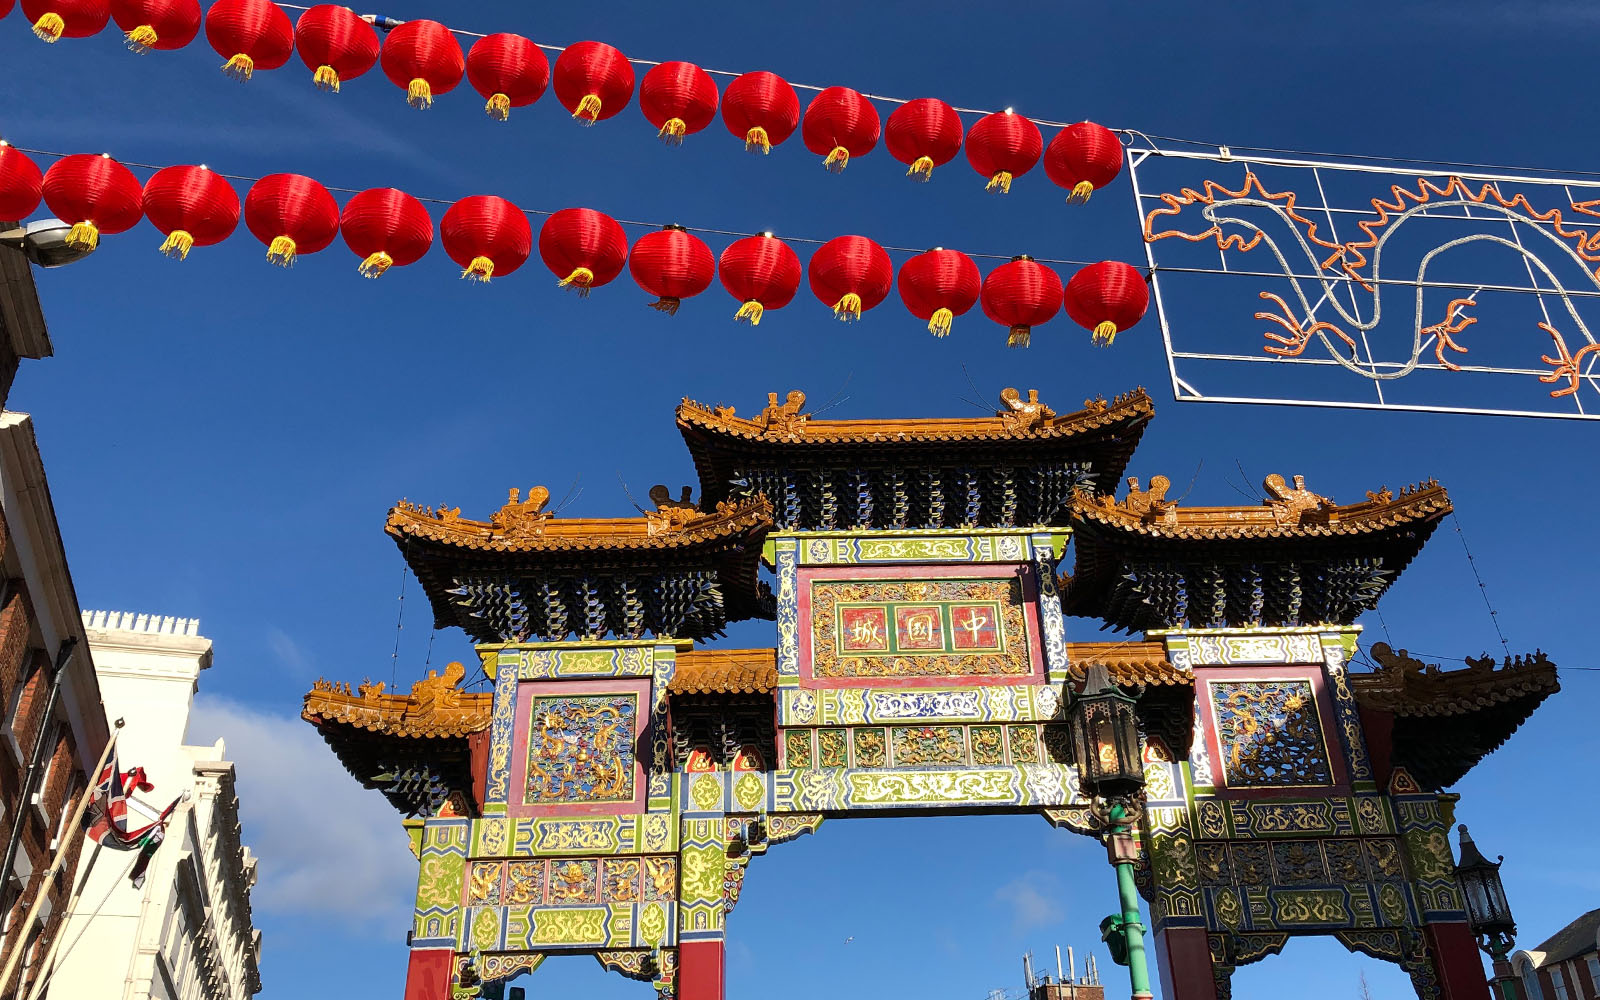 L'arco variopinta che introduce al quartiere di Chinatown, a Liverpool.